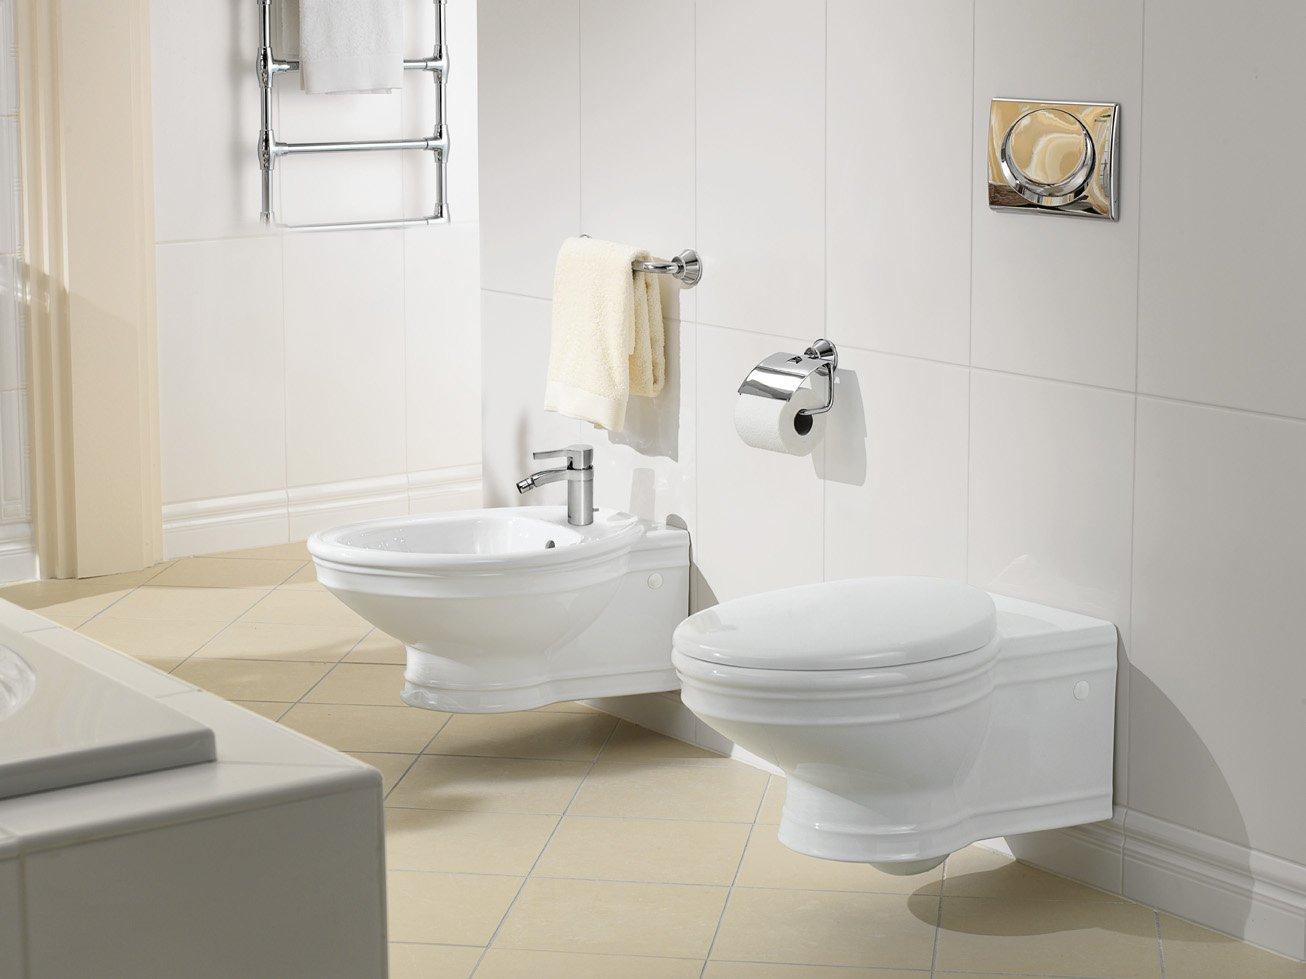 Интерьер туалета маленького размера: особенности, дизайн, цвет, стиль, 100+ фото